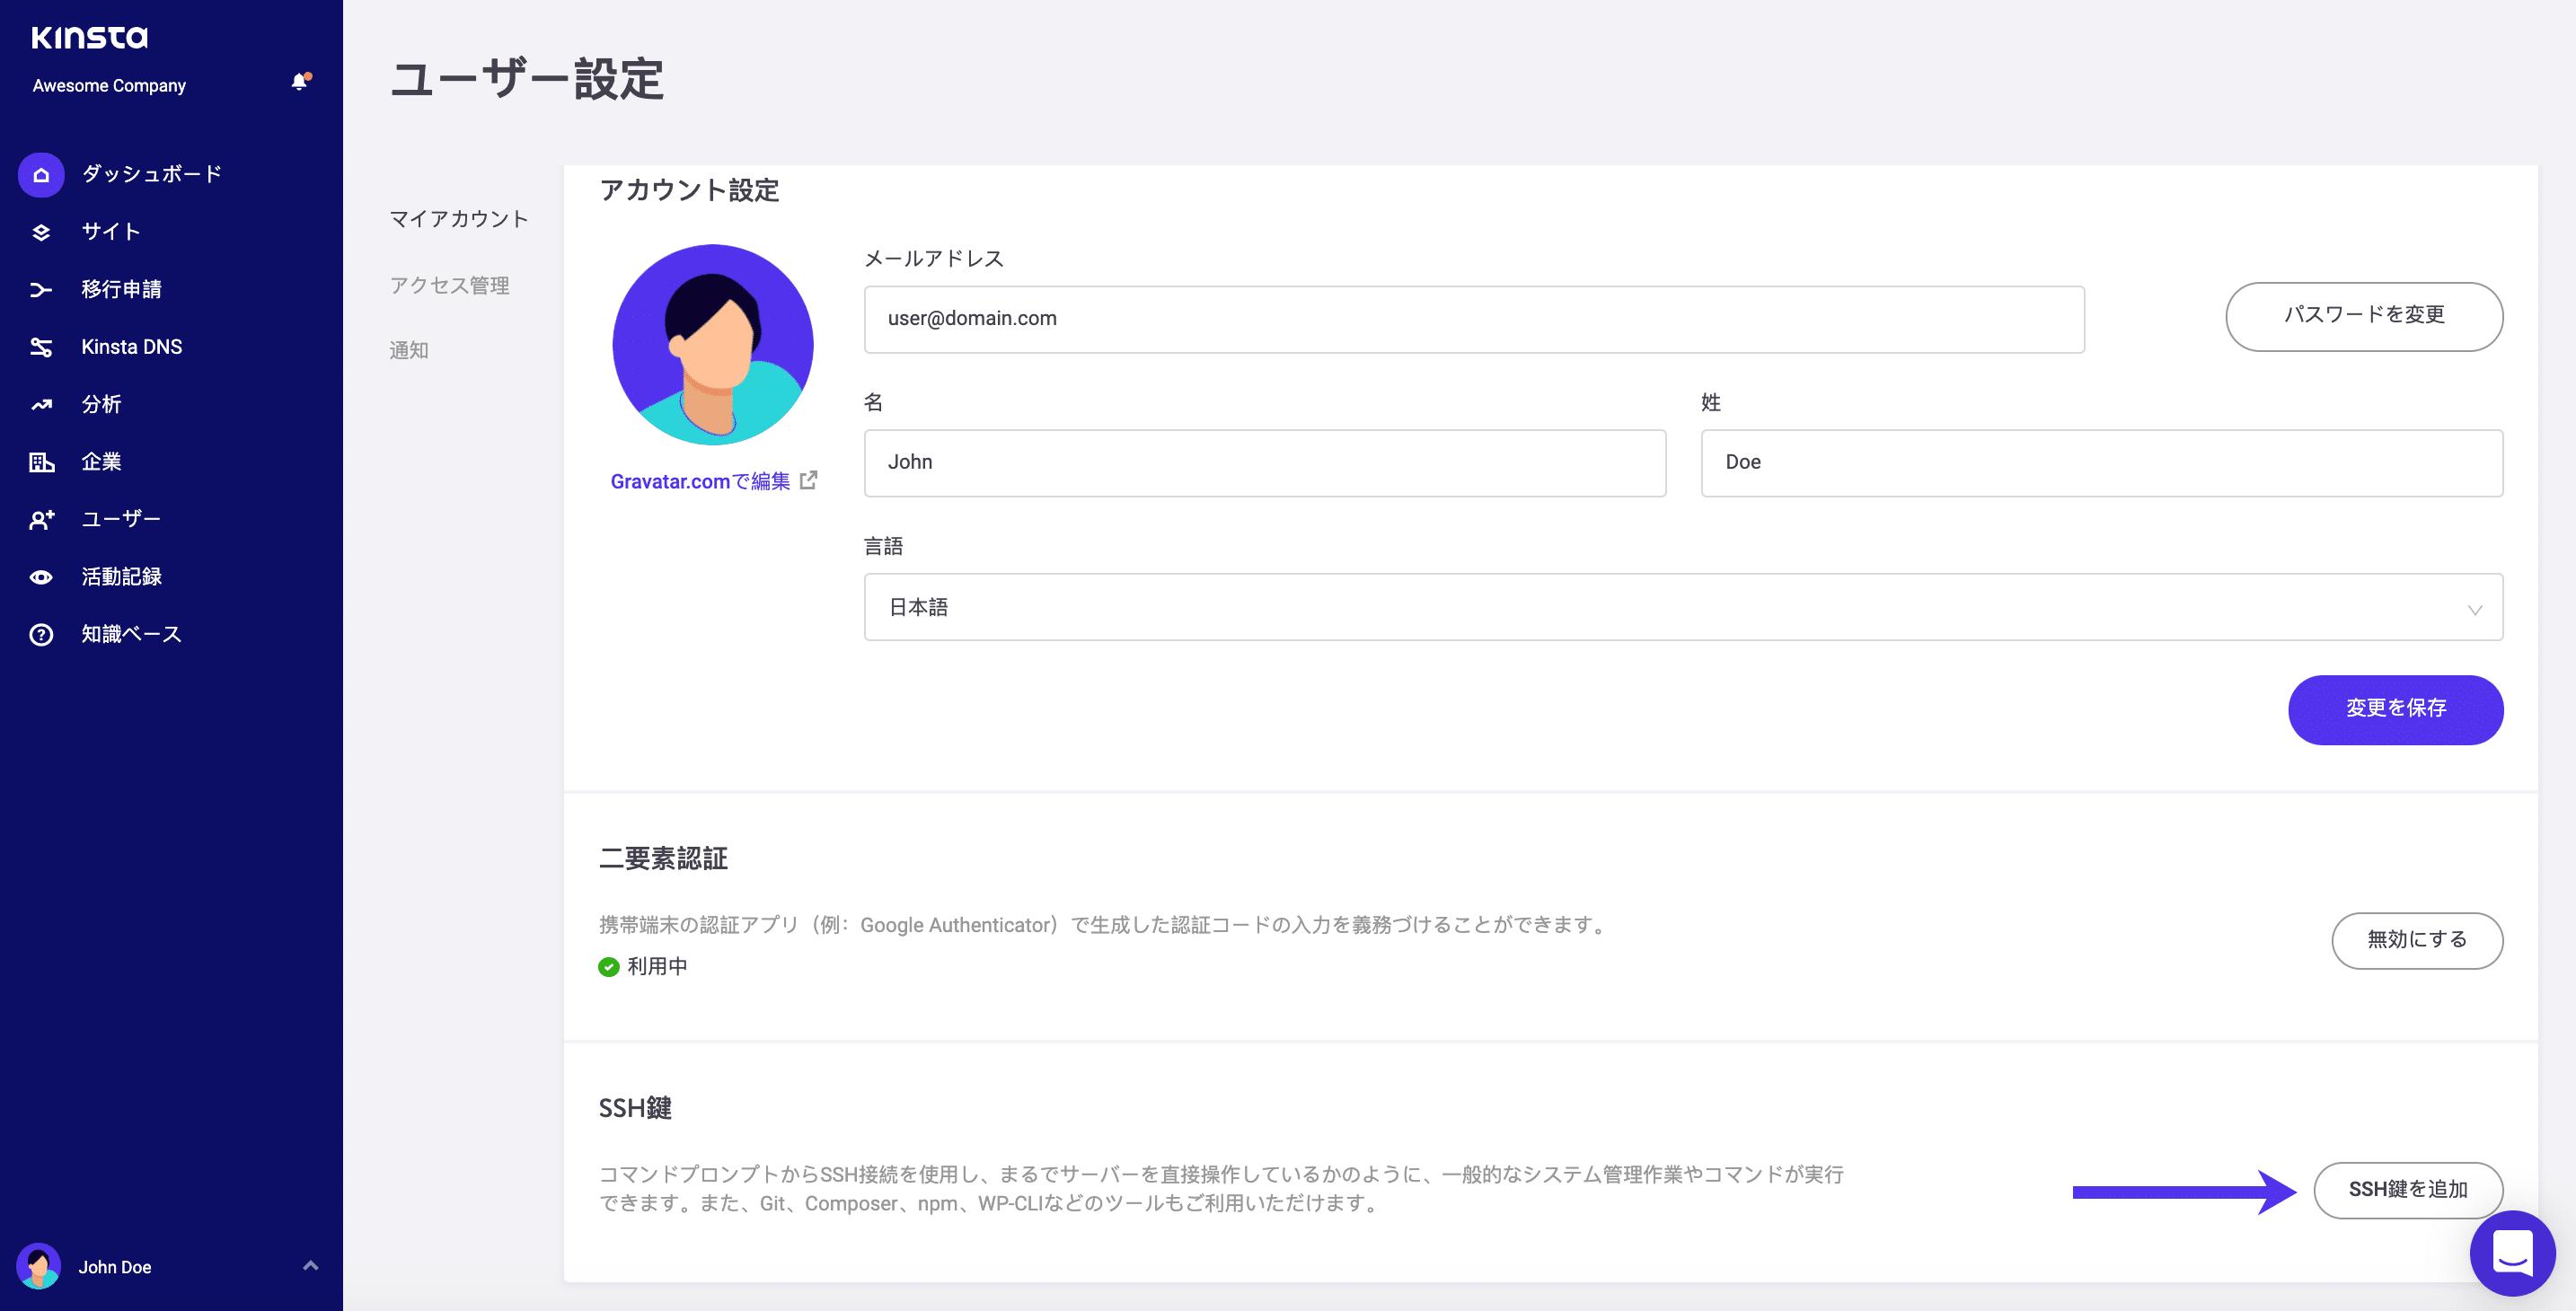 SSHキーを追加